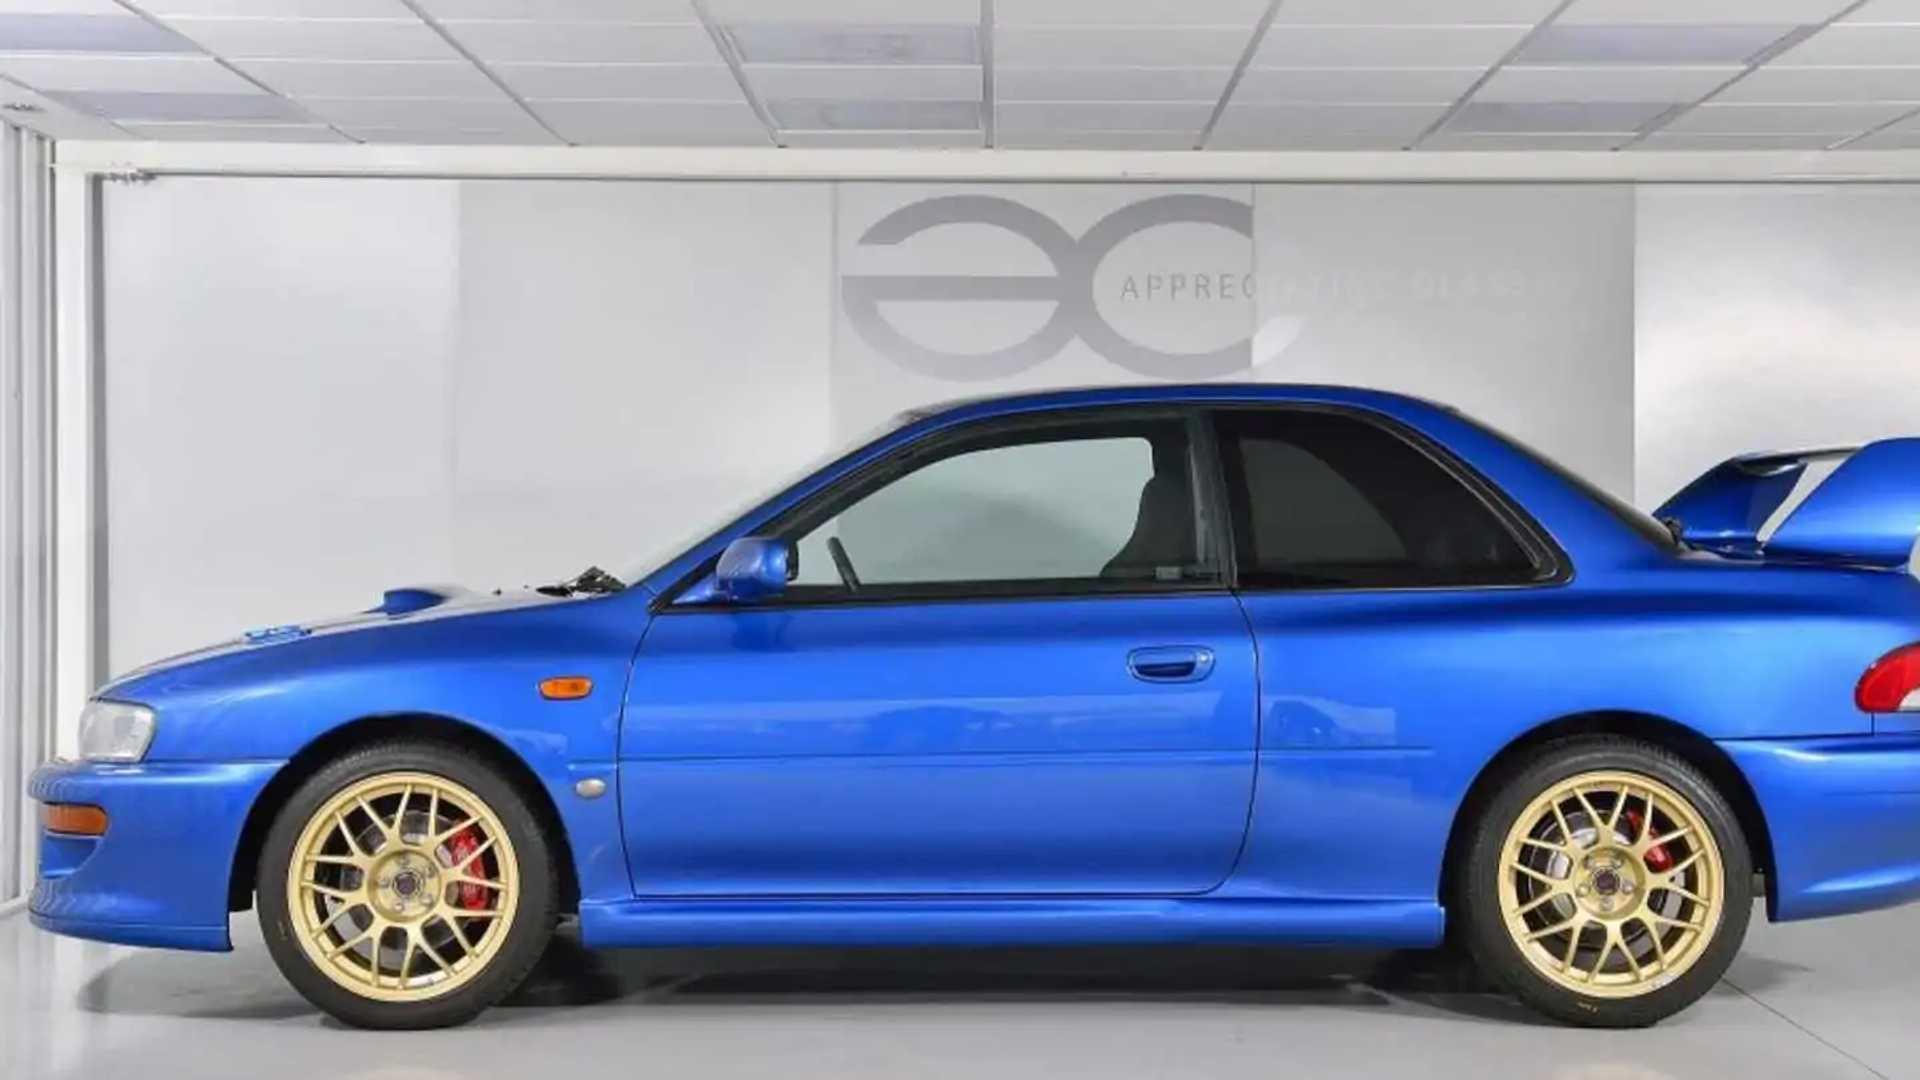 Dieser Makellose Subaru Impreza 22b Sti 1998 Ist Ein Jdm Goldstück